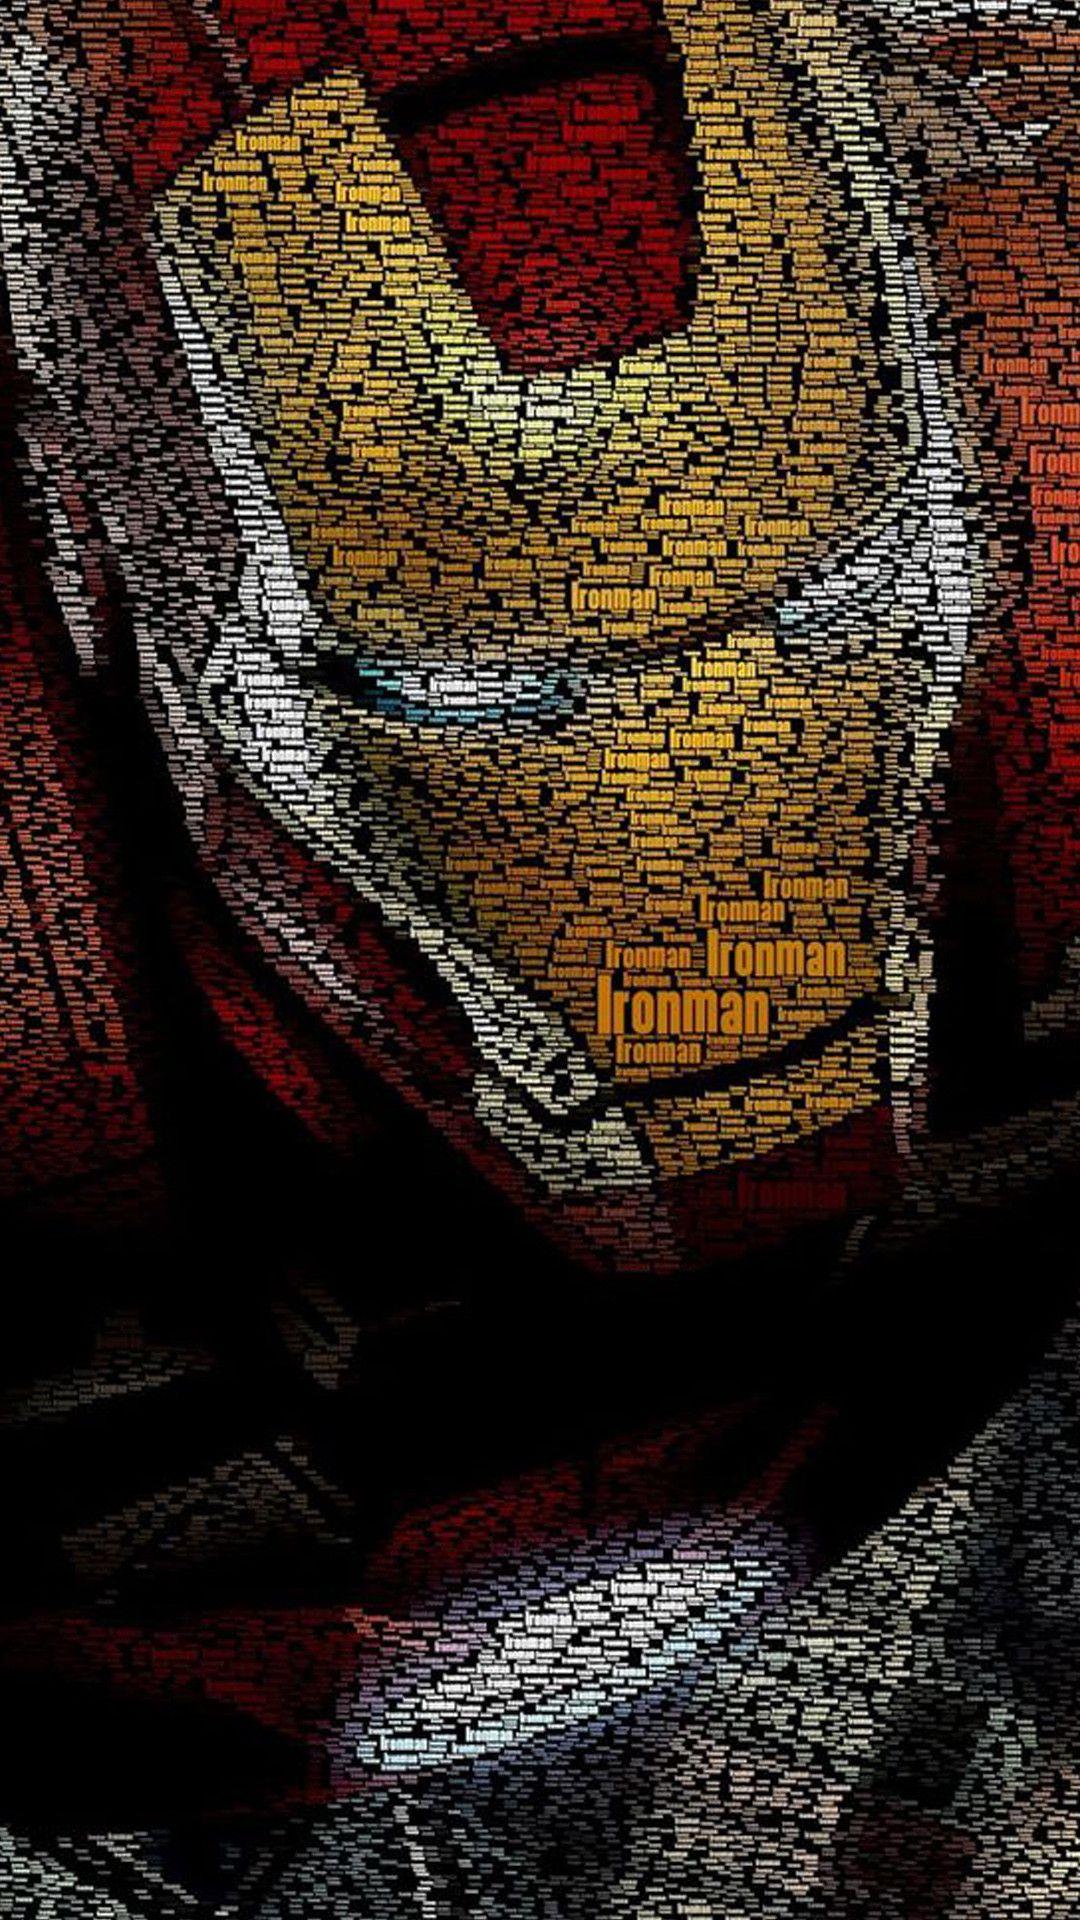 Iron Man D iPhone xr wallpaper